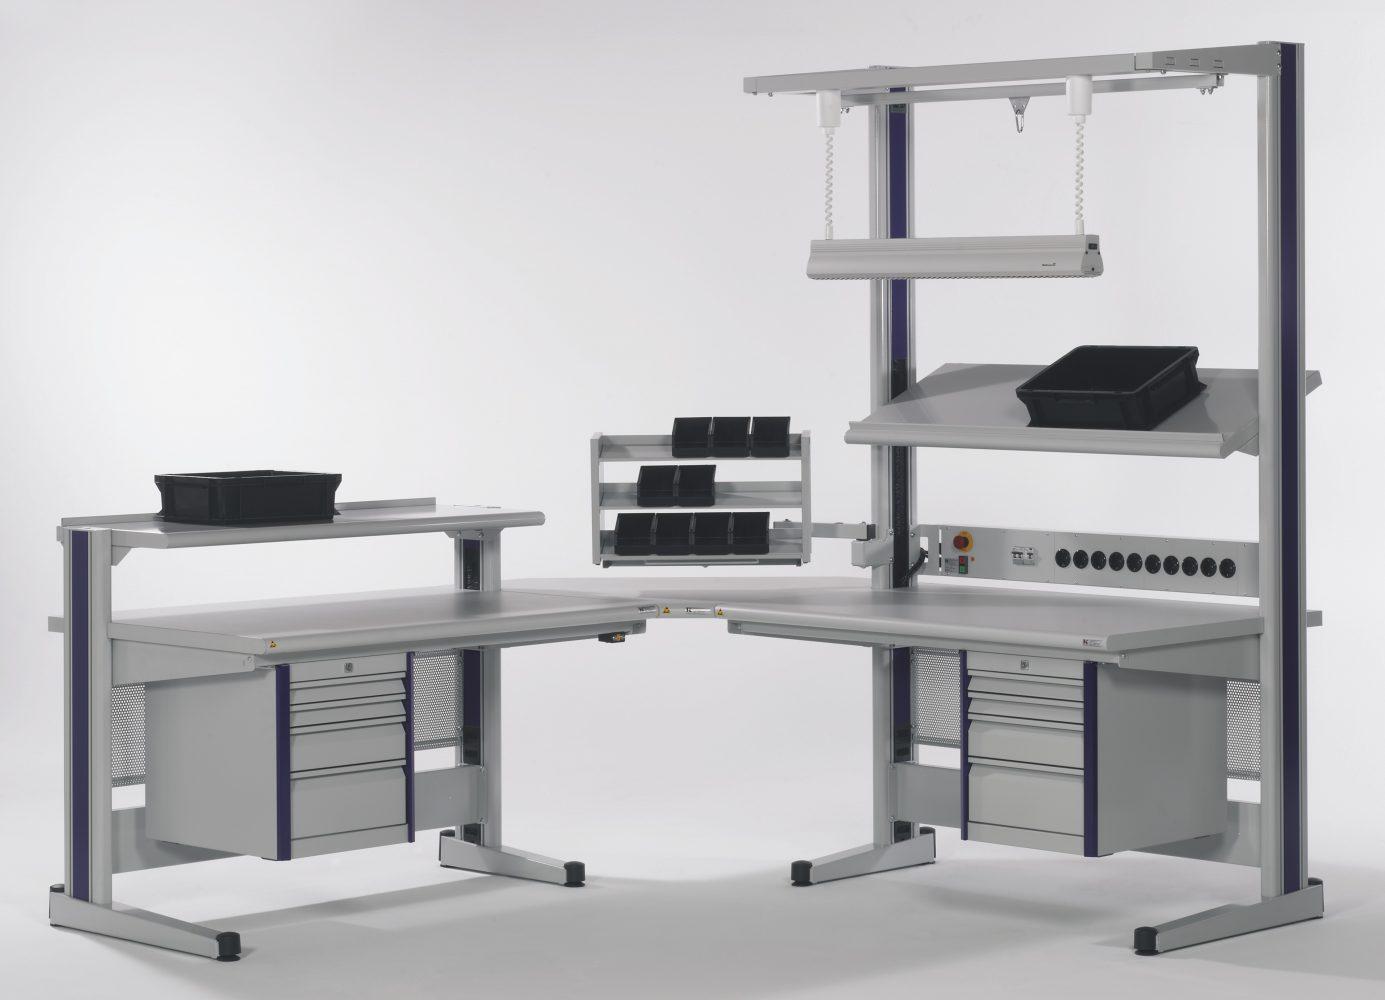 Banchi Da Lavoro Per Laboratorio Analisi : Tavoli da laboratorio volta s p a